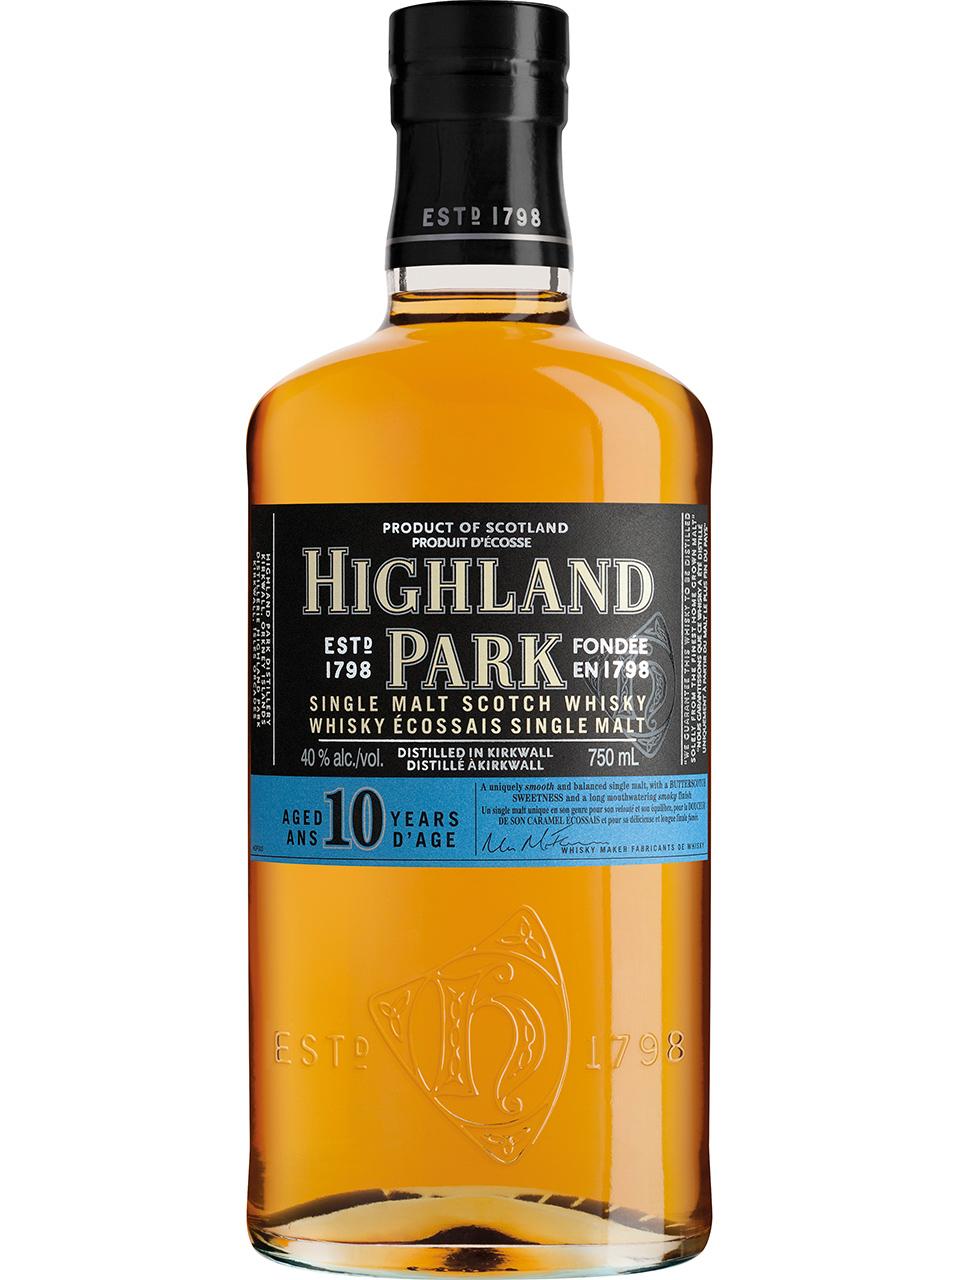 Highland Park 10 YO Single Malt Scotch Whisky